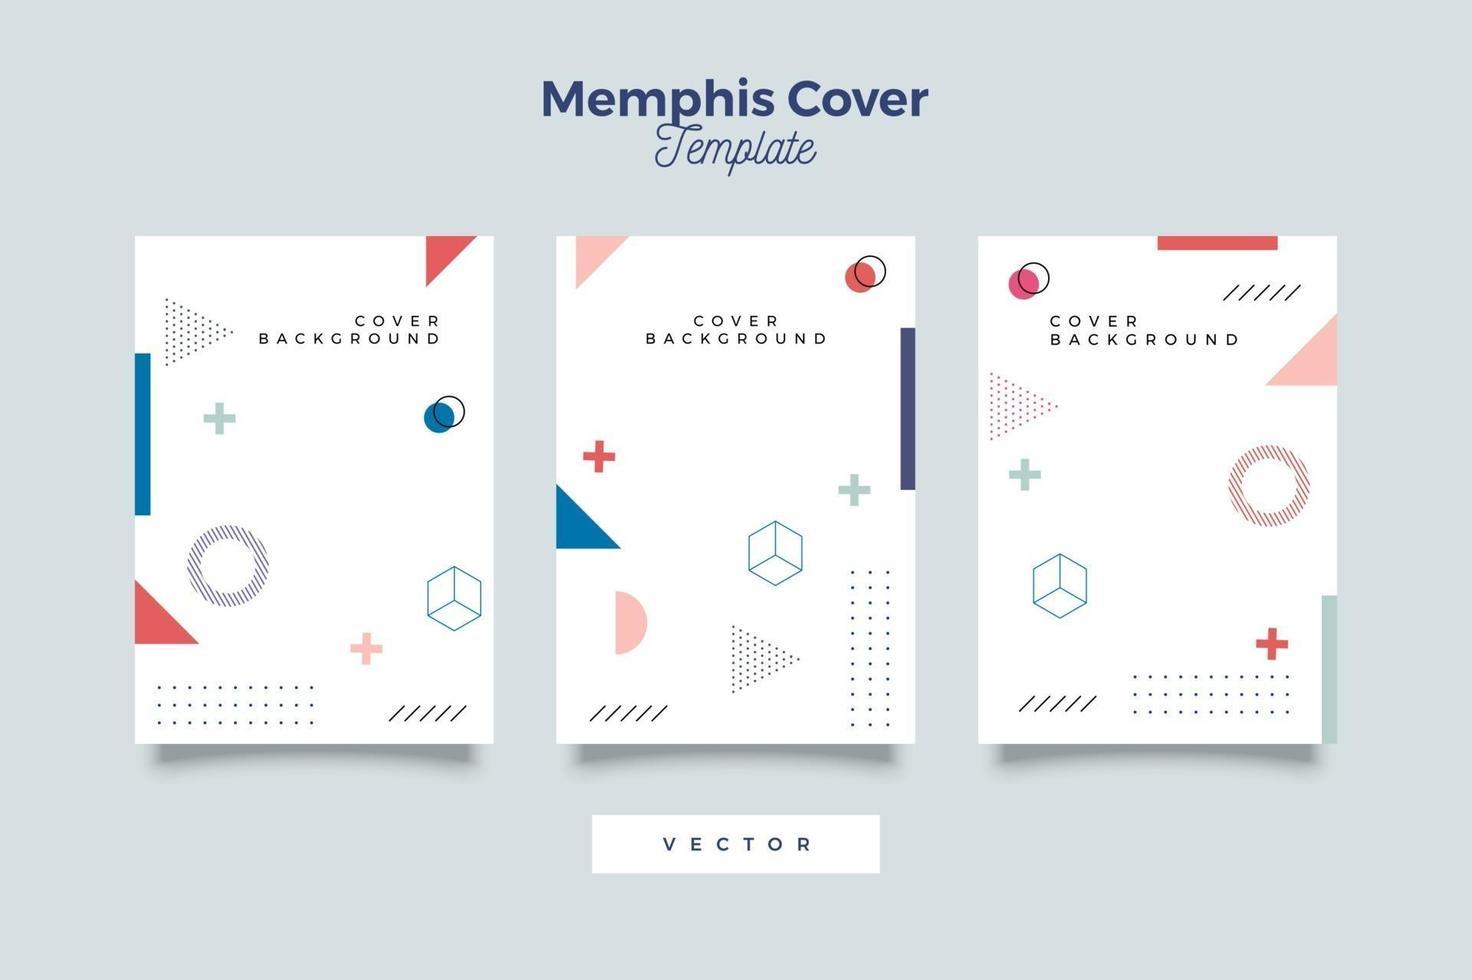 eenvoudige covers in memphis-stijl vector